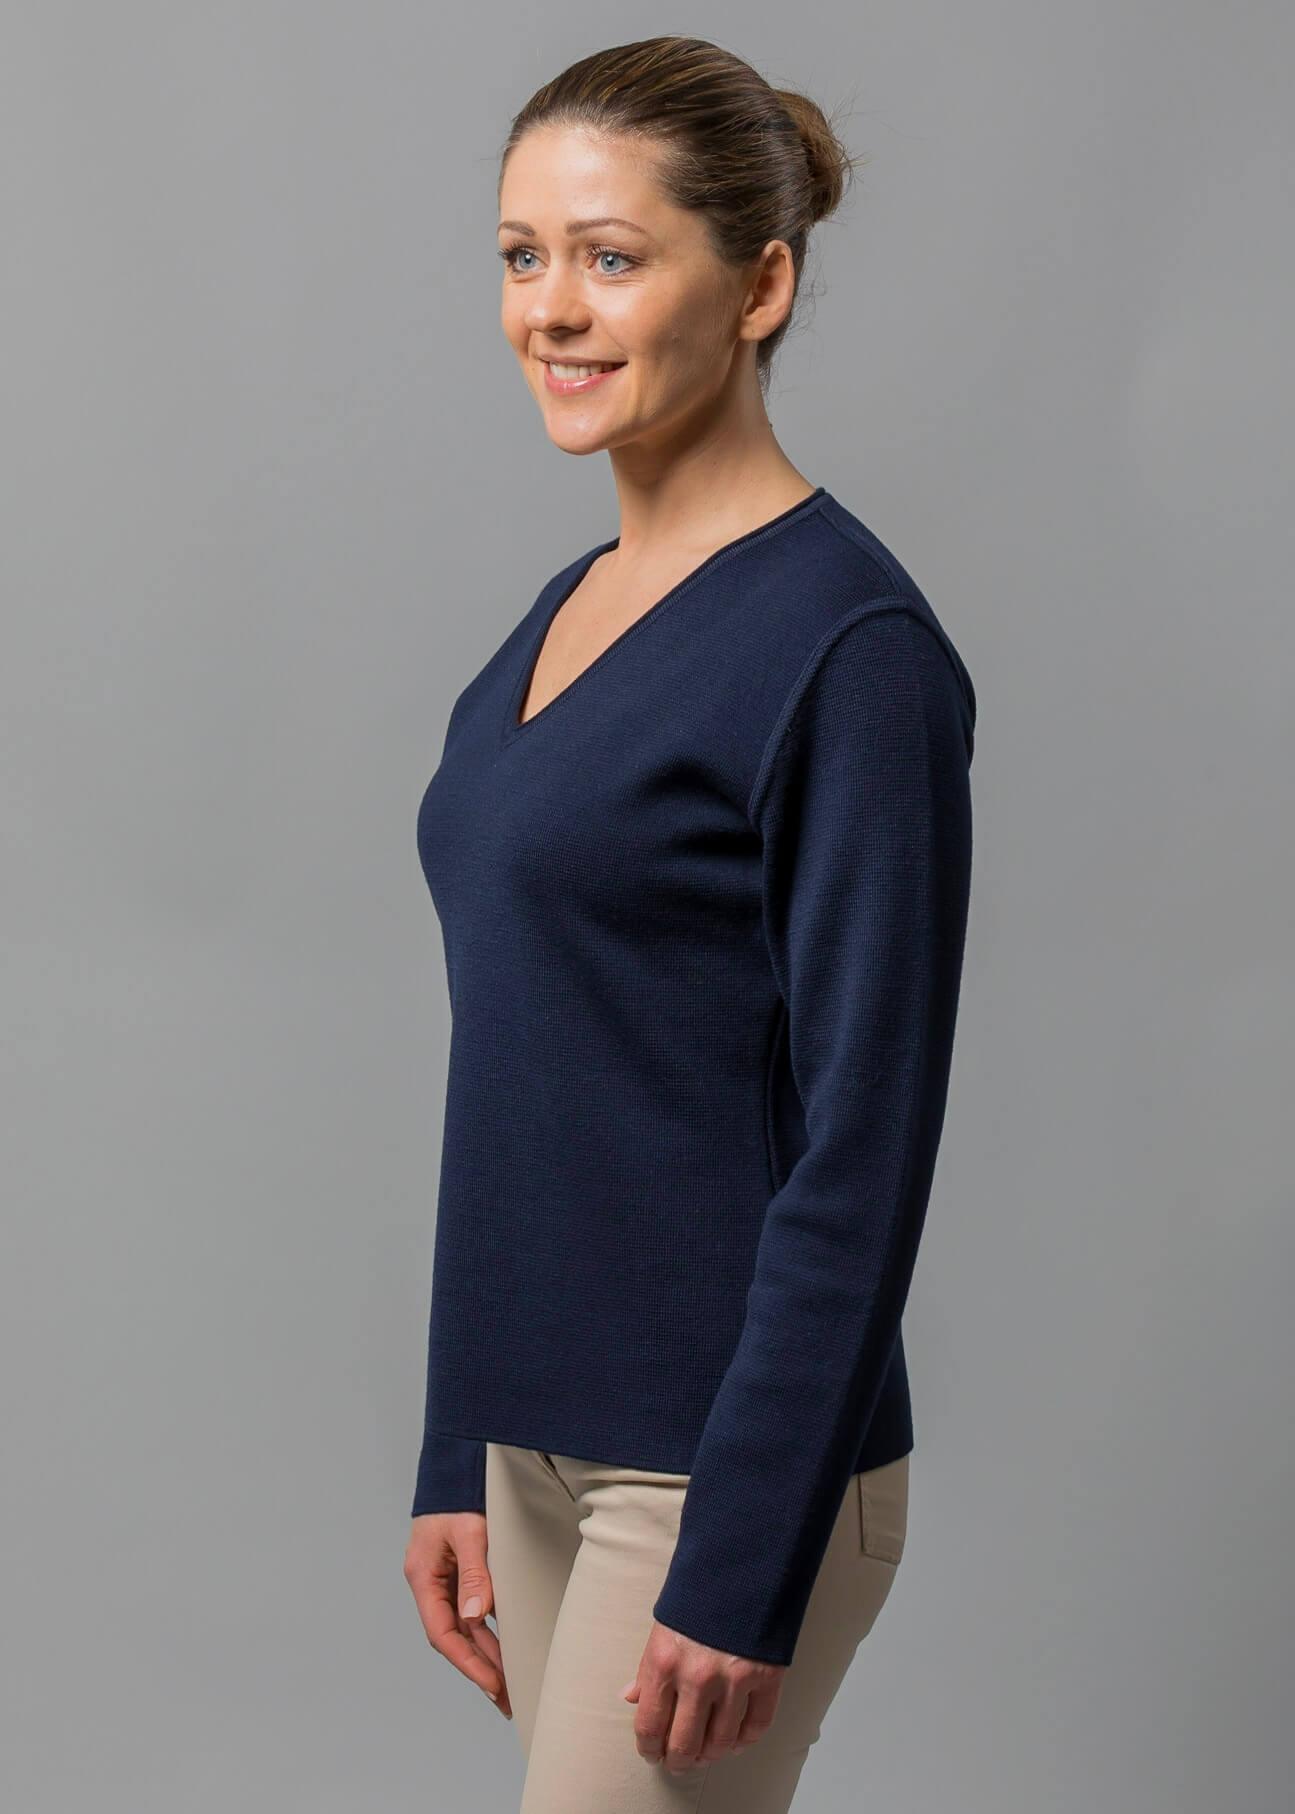 Pullover Damen blau Beate aus Merino